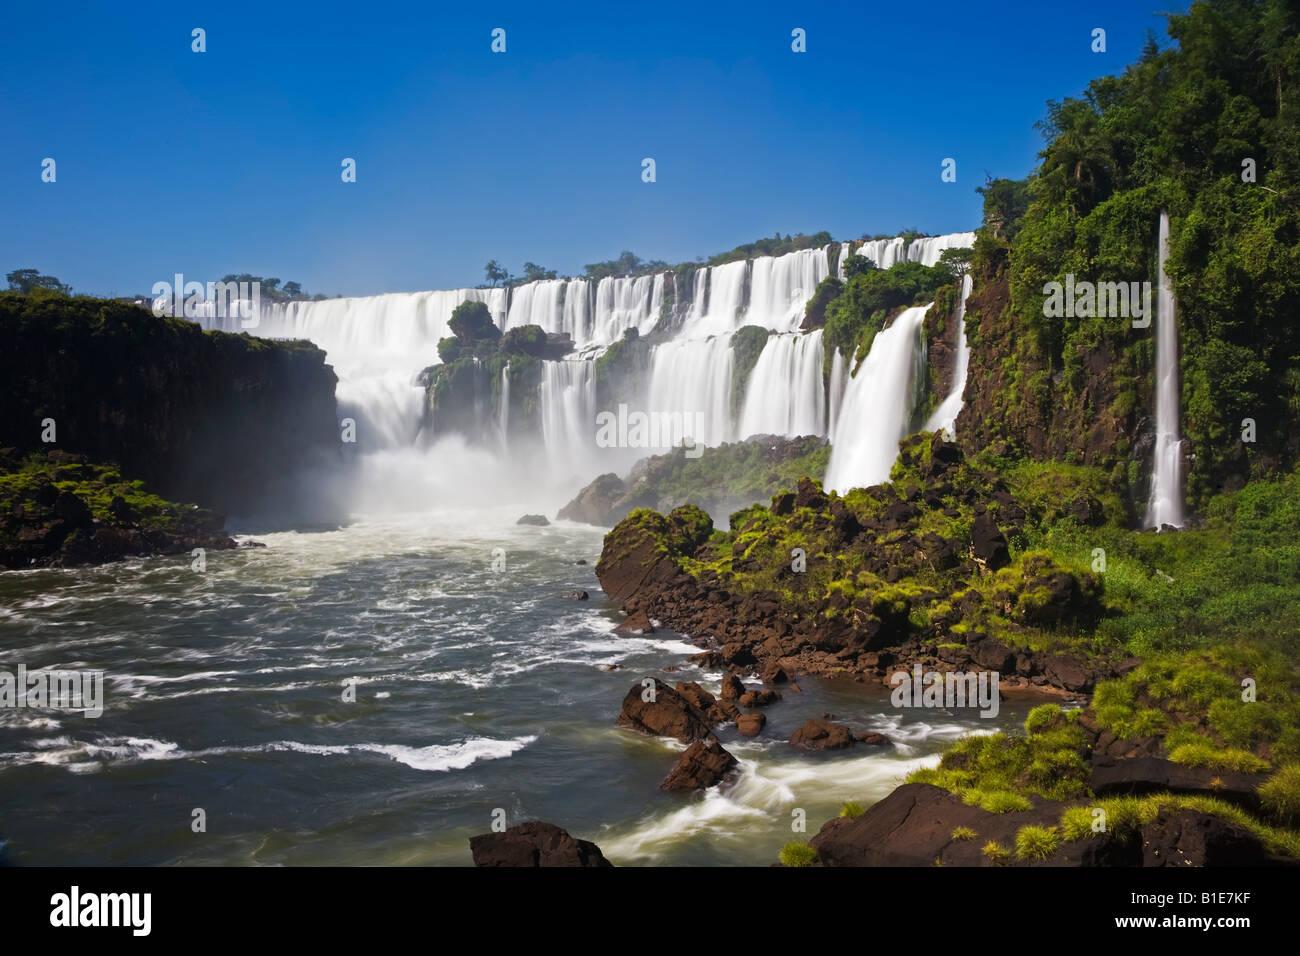 Cataratas del Iguazú Imagen De Stock